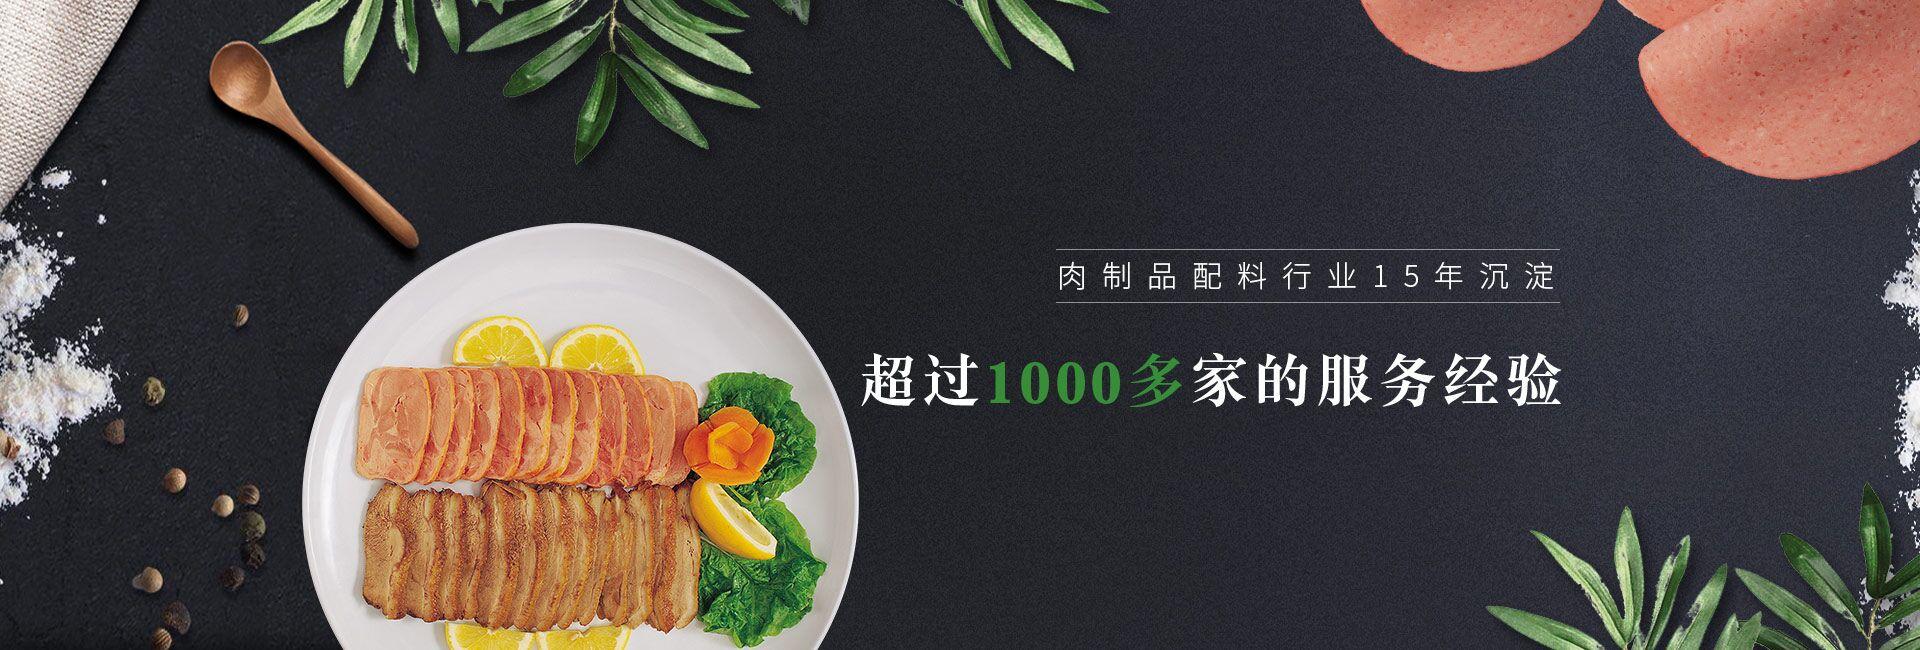 肉制品配料行业15年沉淀   超过1000多家的服务经验 倍特尔赢得了中粮、正大、金锣等集团大客户的信赖与认可